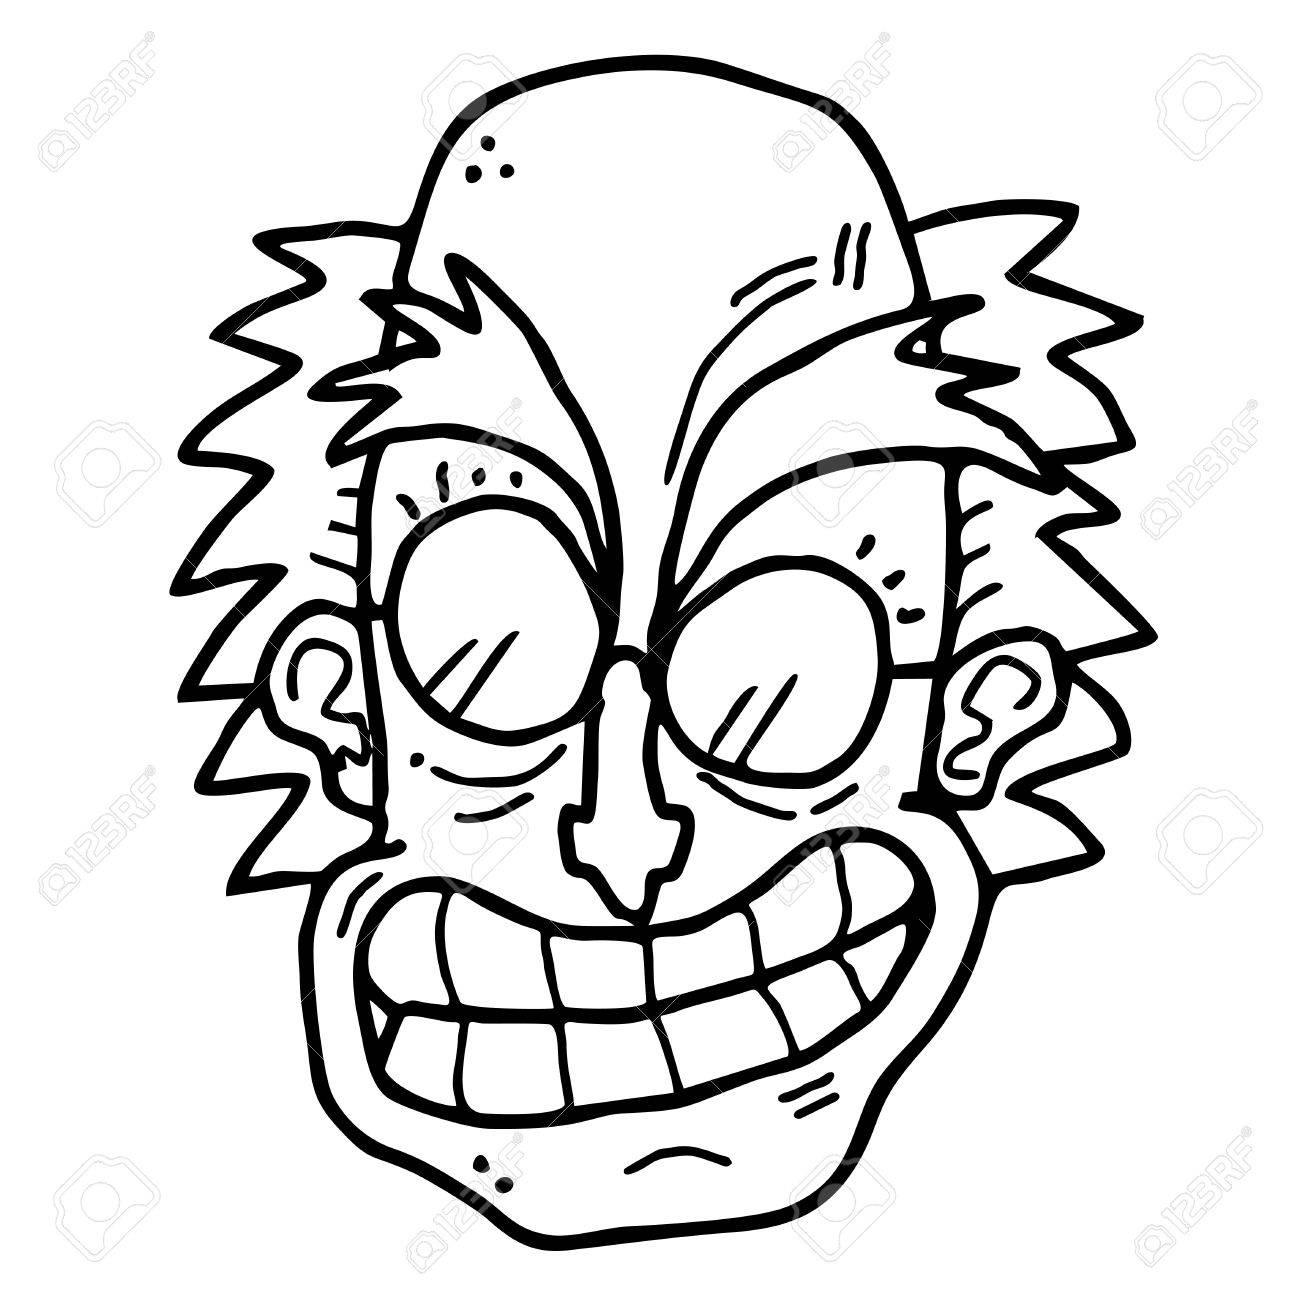 Funny cartoon face Stock Vector - 14996825